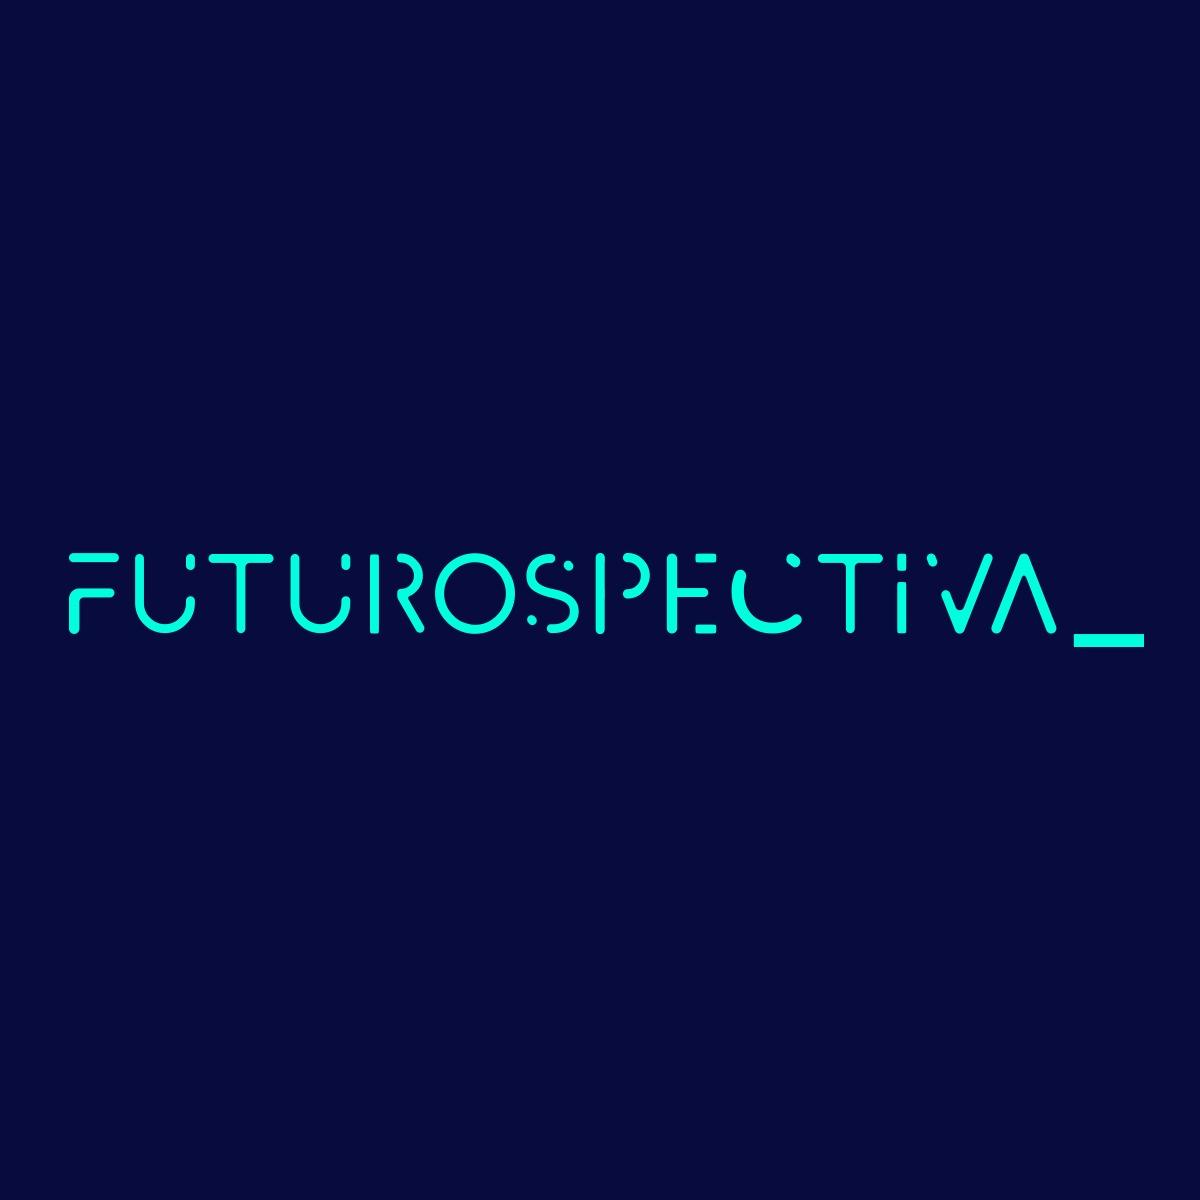 Futurospectiva #2 - Educação Política - Politize! com Diego Calegari